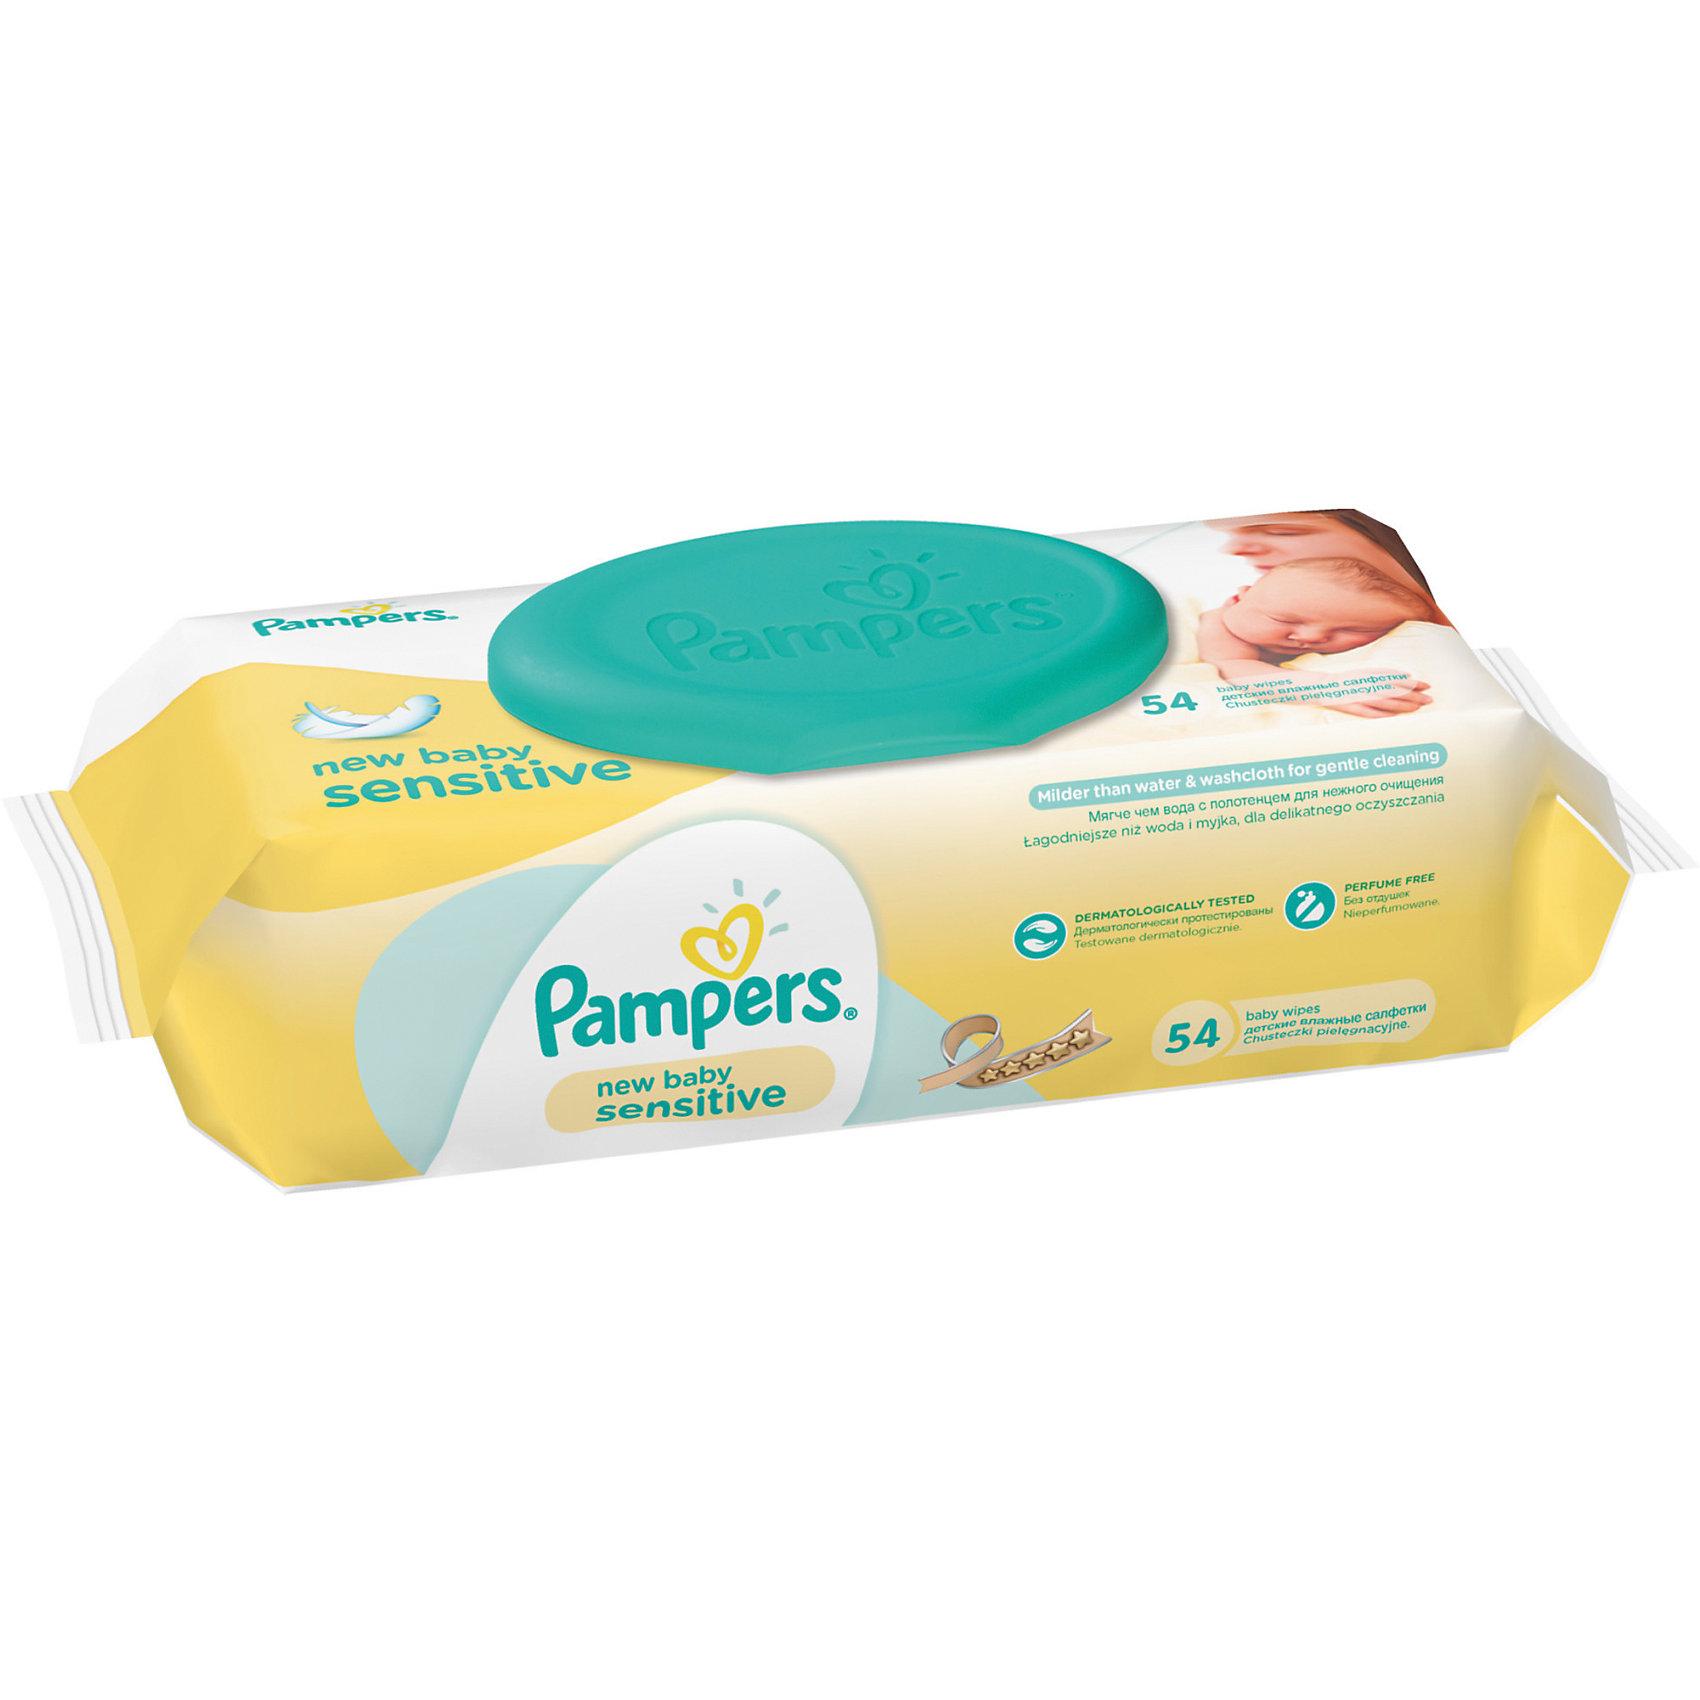 Салфетки детские влажные Pampers New Baby Sensitive, 54 шт., PampersХарактеристики:<br><br>• Пол: универсальный<br>• Тип салфеток: одноразовые<br>• Вид салфеток: влажные<br>• Коллекция: New Baby Sensitive<br>• Предназначение: для гигиены<br>• Количество в упаковке: 54 шт.<br>• Материал салфеток: 100% целлюлоза<br>• Состав лосьона: 95% вода, 5% экстракт натуральных масел<br>• Упаковка: полиэтиленовая упаковка с пластиковым клапаном многоразового использования<br>• Размер упаковки: 18,2*9*6,6 см<br>• Вес в упаковке: 531 г<br>• Поддерживает естественный ph уровень<br>• Мягкий верхний слой SoftGrip<br>• Не содержат отдушек и спирта<br>• Прошли дерматологические тестирования<br><br>Салфетки детские влажные Pampers New Baby Sensitive, 54 шт., Pampers – это линейка детских гигиенических салфеток от Pampers, предназначенных для ухода за нежной кожей новорожденного. Салфетки выполнены из 100% целлюлозы, имеют мягкий верхний слой SoftGrip, который не раздражает кожу ребенка во время процедур, при этом хорошо удерживает влагу. <br><br>Изделия пропитаны лосьоном, состоящим из 95% воды и 5% экстракта натуральных масел, что делает эти салфетки гипоаллергенными. Благодаря своему составу салфетки можно использовать для чувствительной кожи. Салфетки упакованы в полиэтиленовую упаковку и пластиковым защитным клапаном, что обеспечивает длительное сохранение их очищающих свойств и защищает от высыхания.<br><br>Салфетки детские влажные Pampers New Baby Sensitive, 54 шт., Pampers можно купить в нашем интернет-магазине.<br><br>Ширина мм: 182<br>Глубина мм: 90<br>Высота мм: 66<br>Вес г: 531<br>Возраст от месяцев: 0<br>Возраст до месяцев: 36<br>Пол: Унисекс<br>Возраст: Детский<br>SKU: 5419091